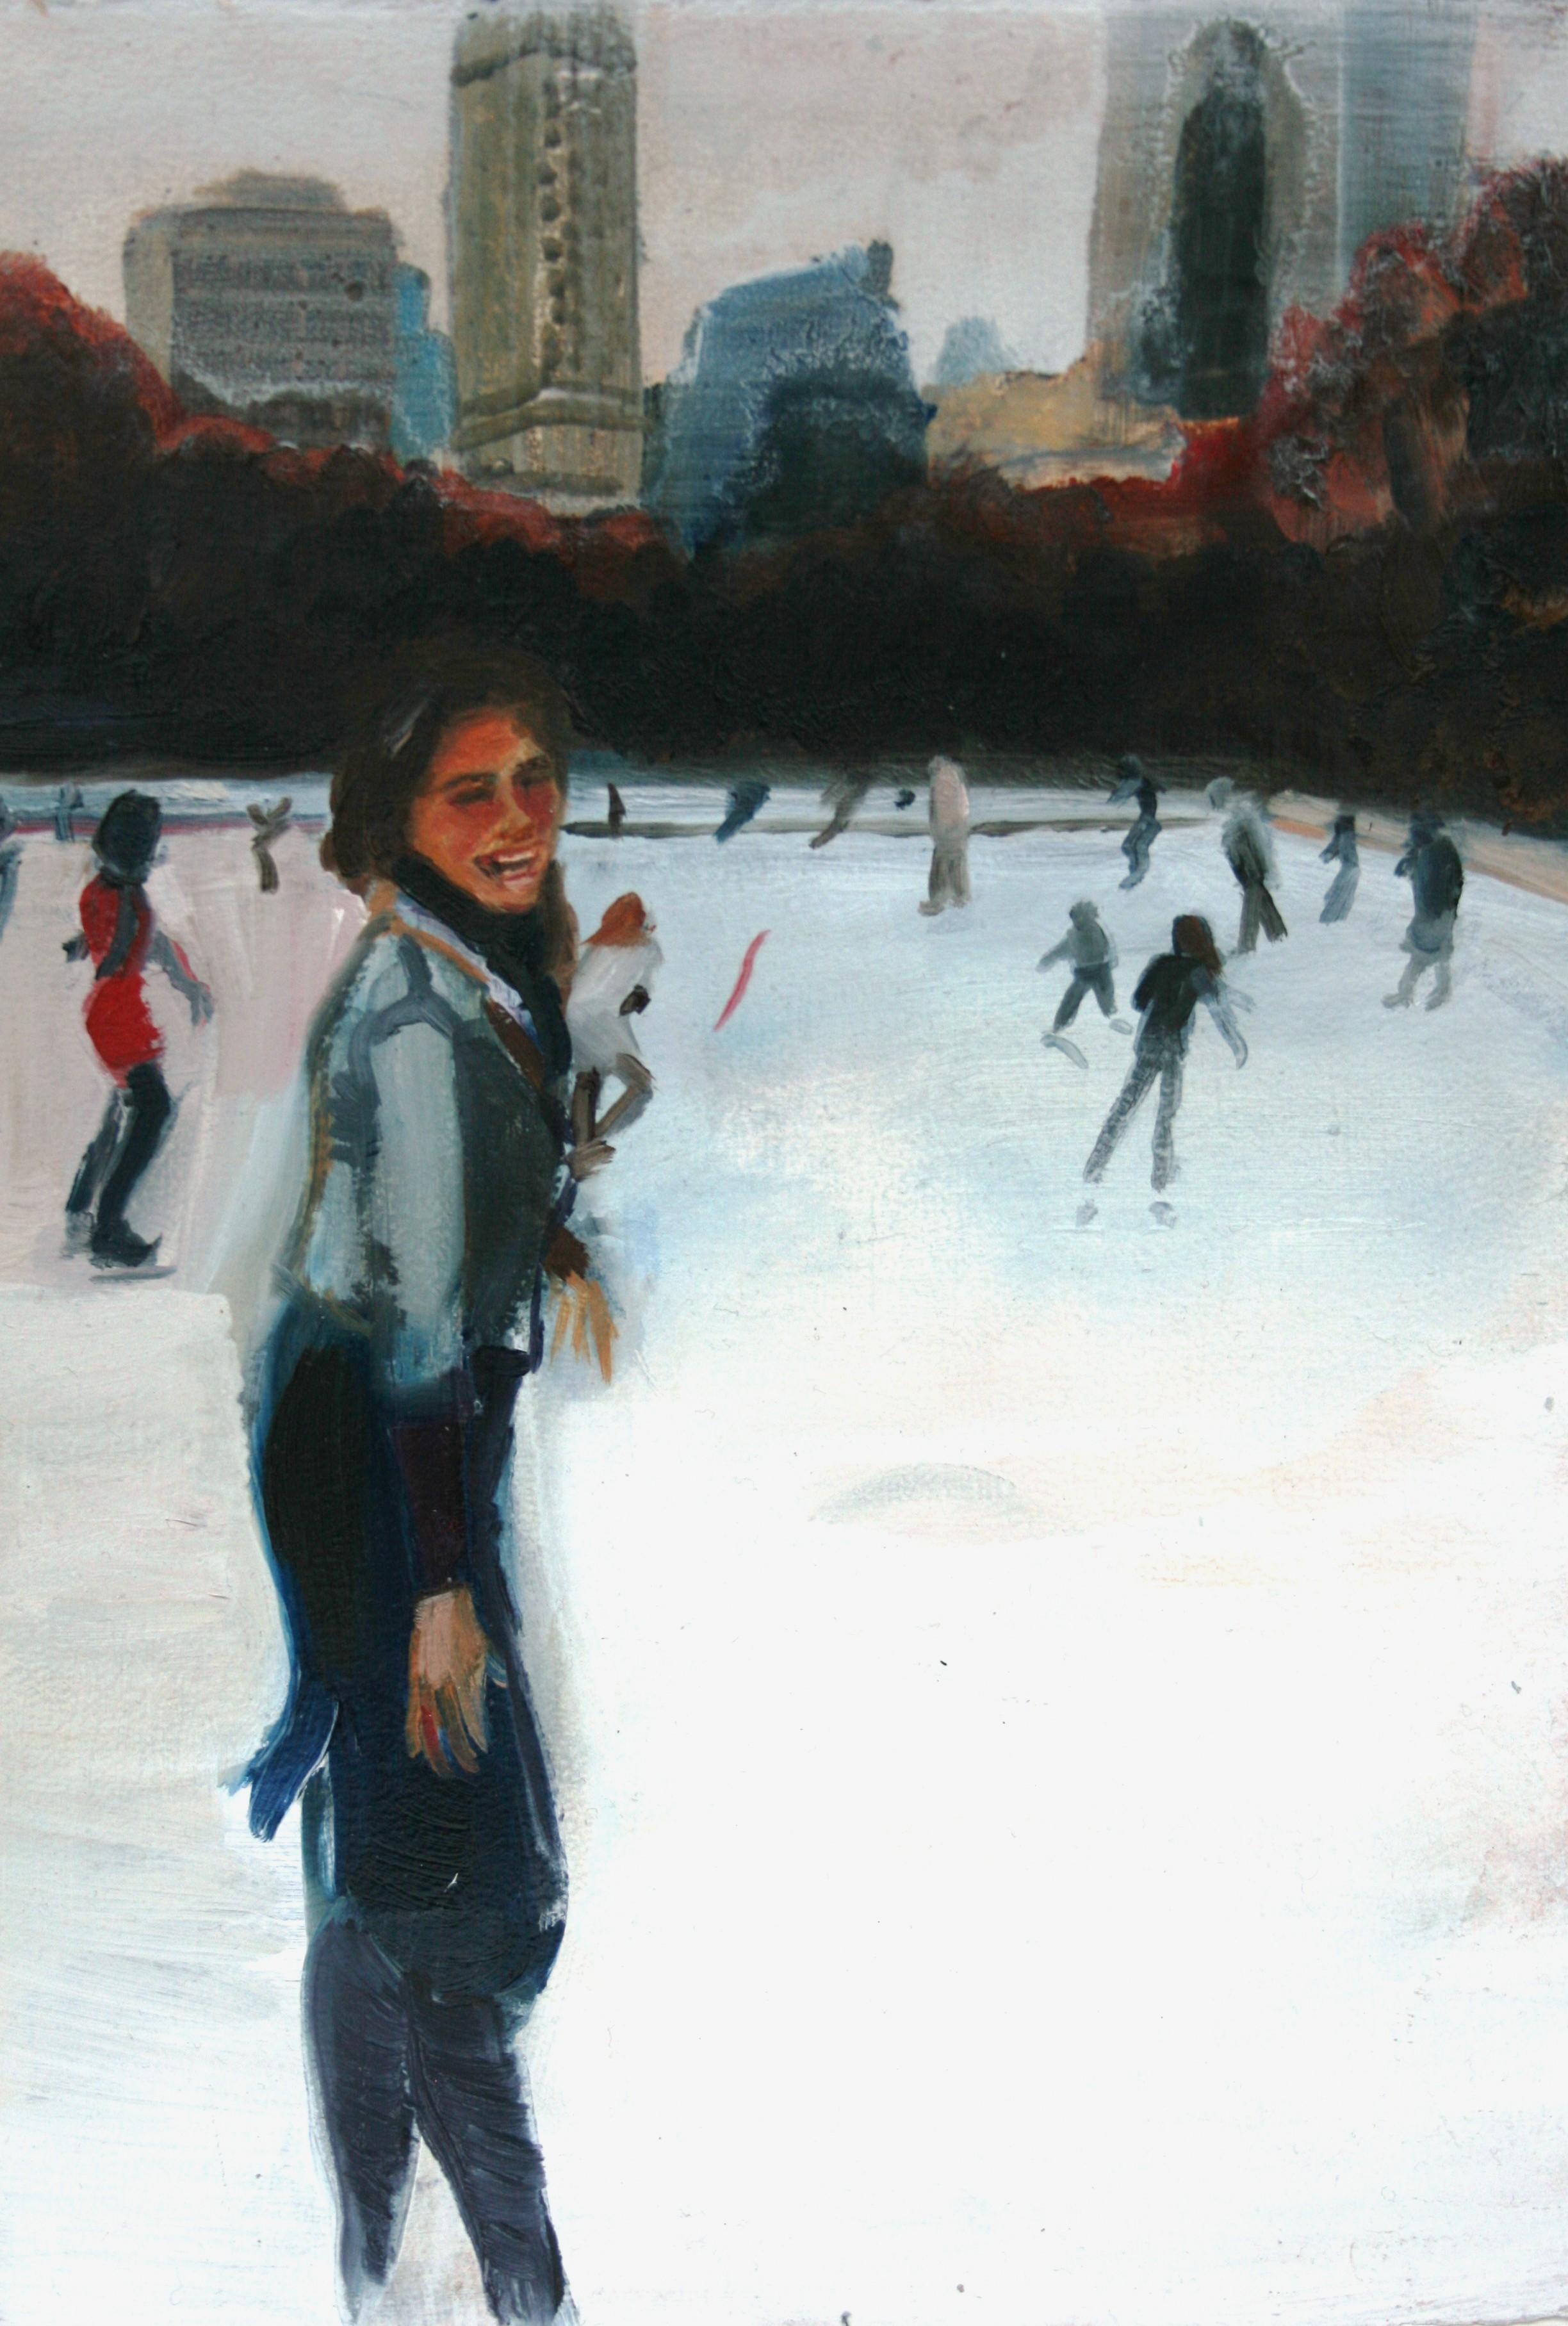 16. Central Park Skater